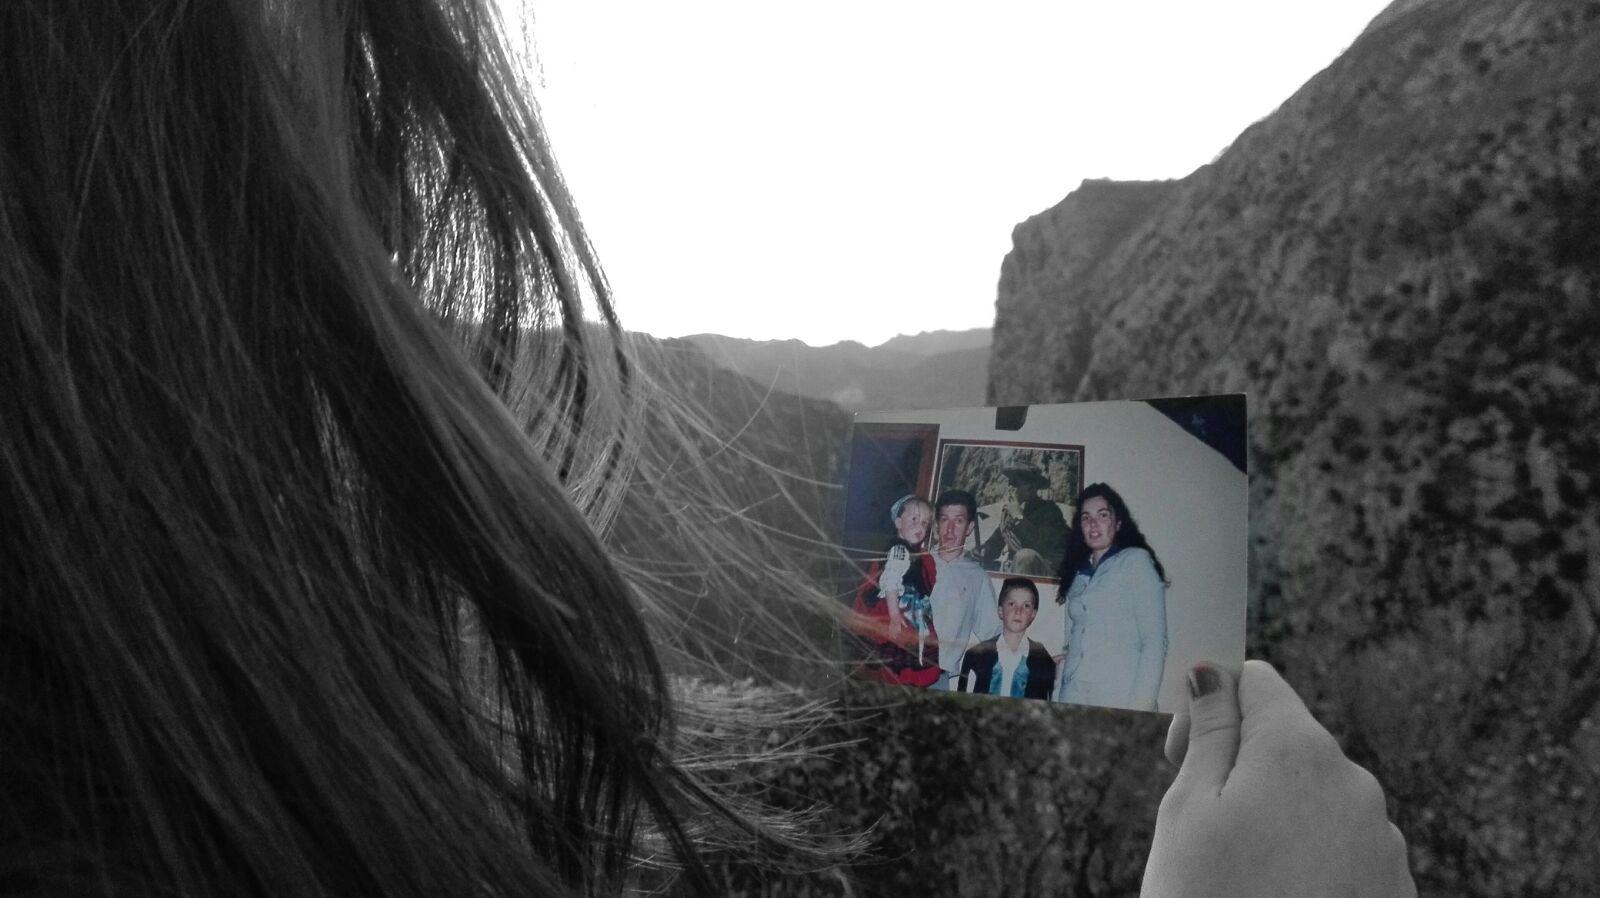 Esta foto que tengo en la mano simboliza el amor de mis padres y de mi hermano y el orgullo que siento por mi abuelo.